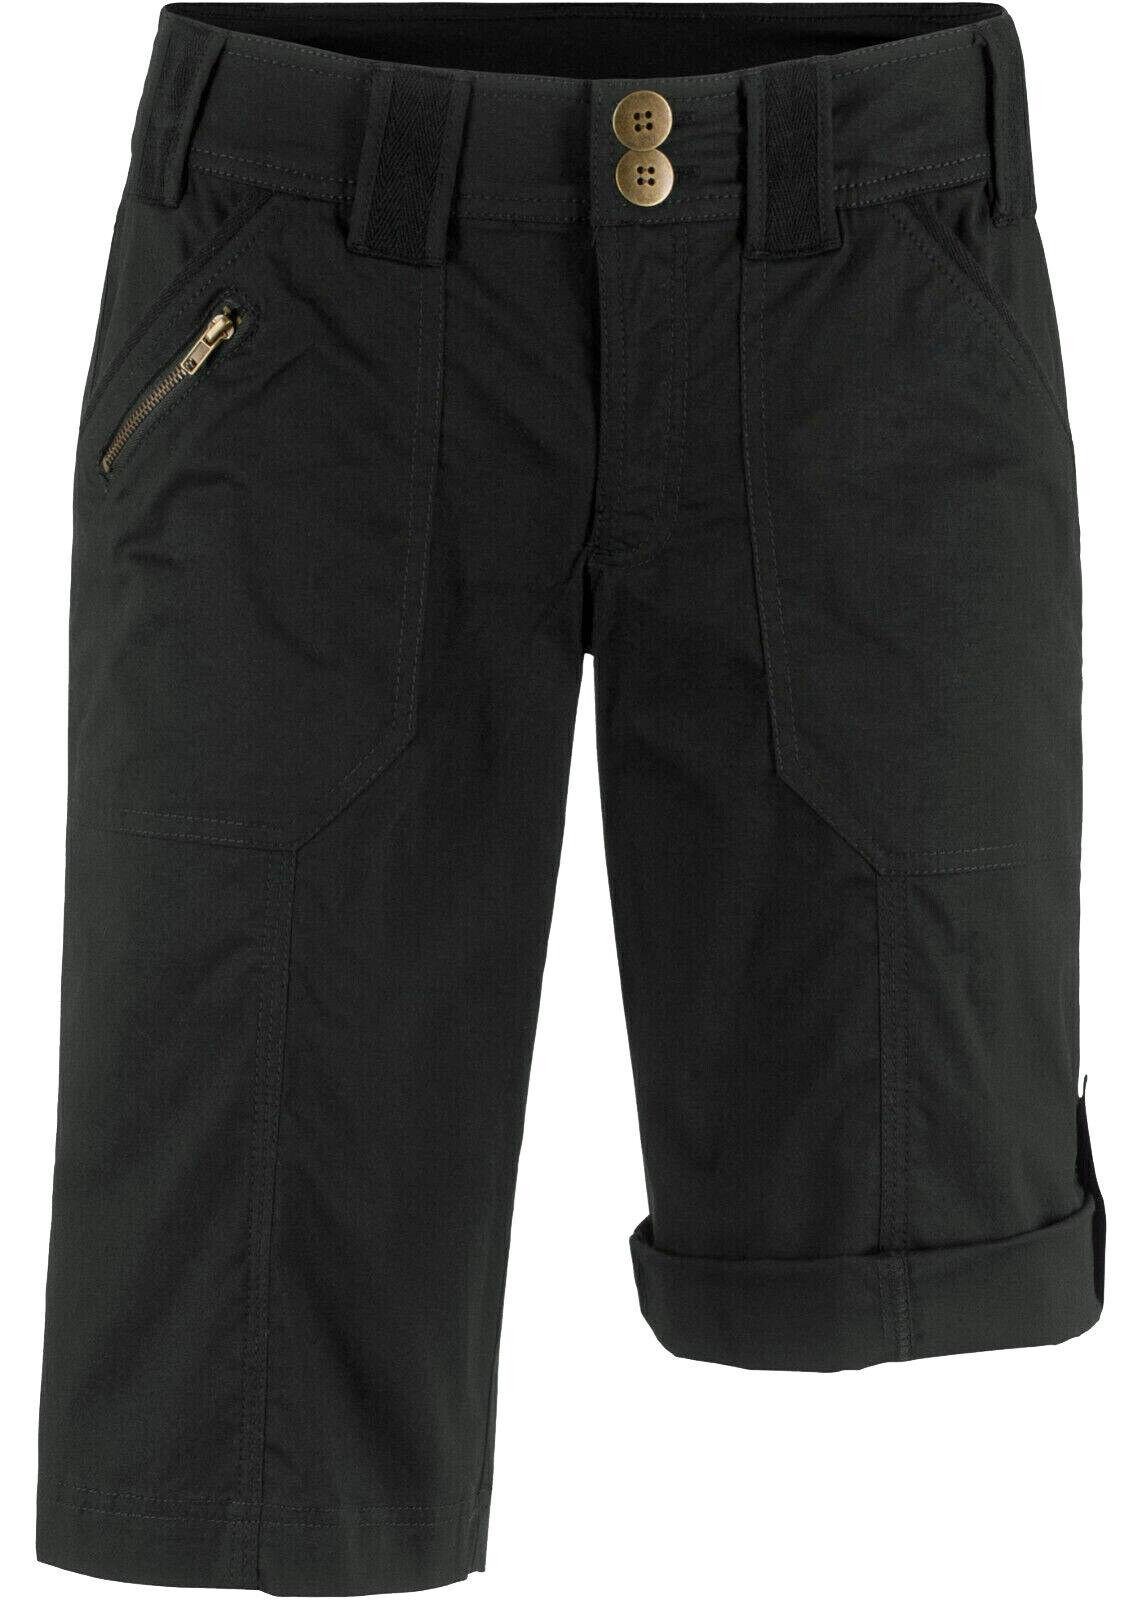 Bermuda Hose Papertouch-Shorts Gr. 50 schwarz Neu D-959320